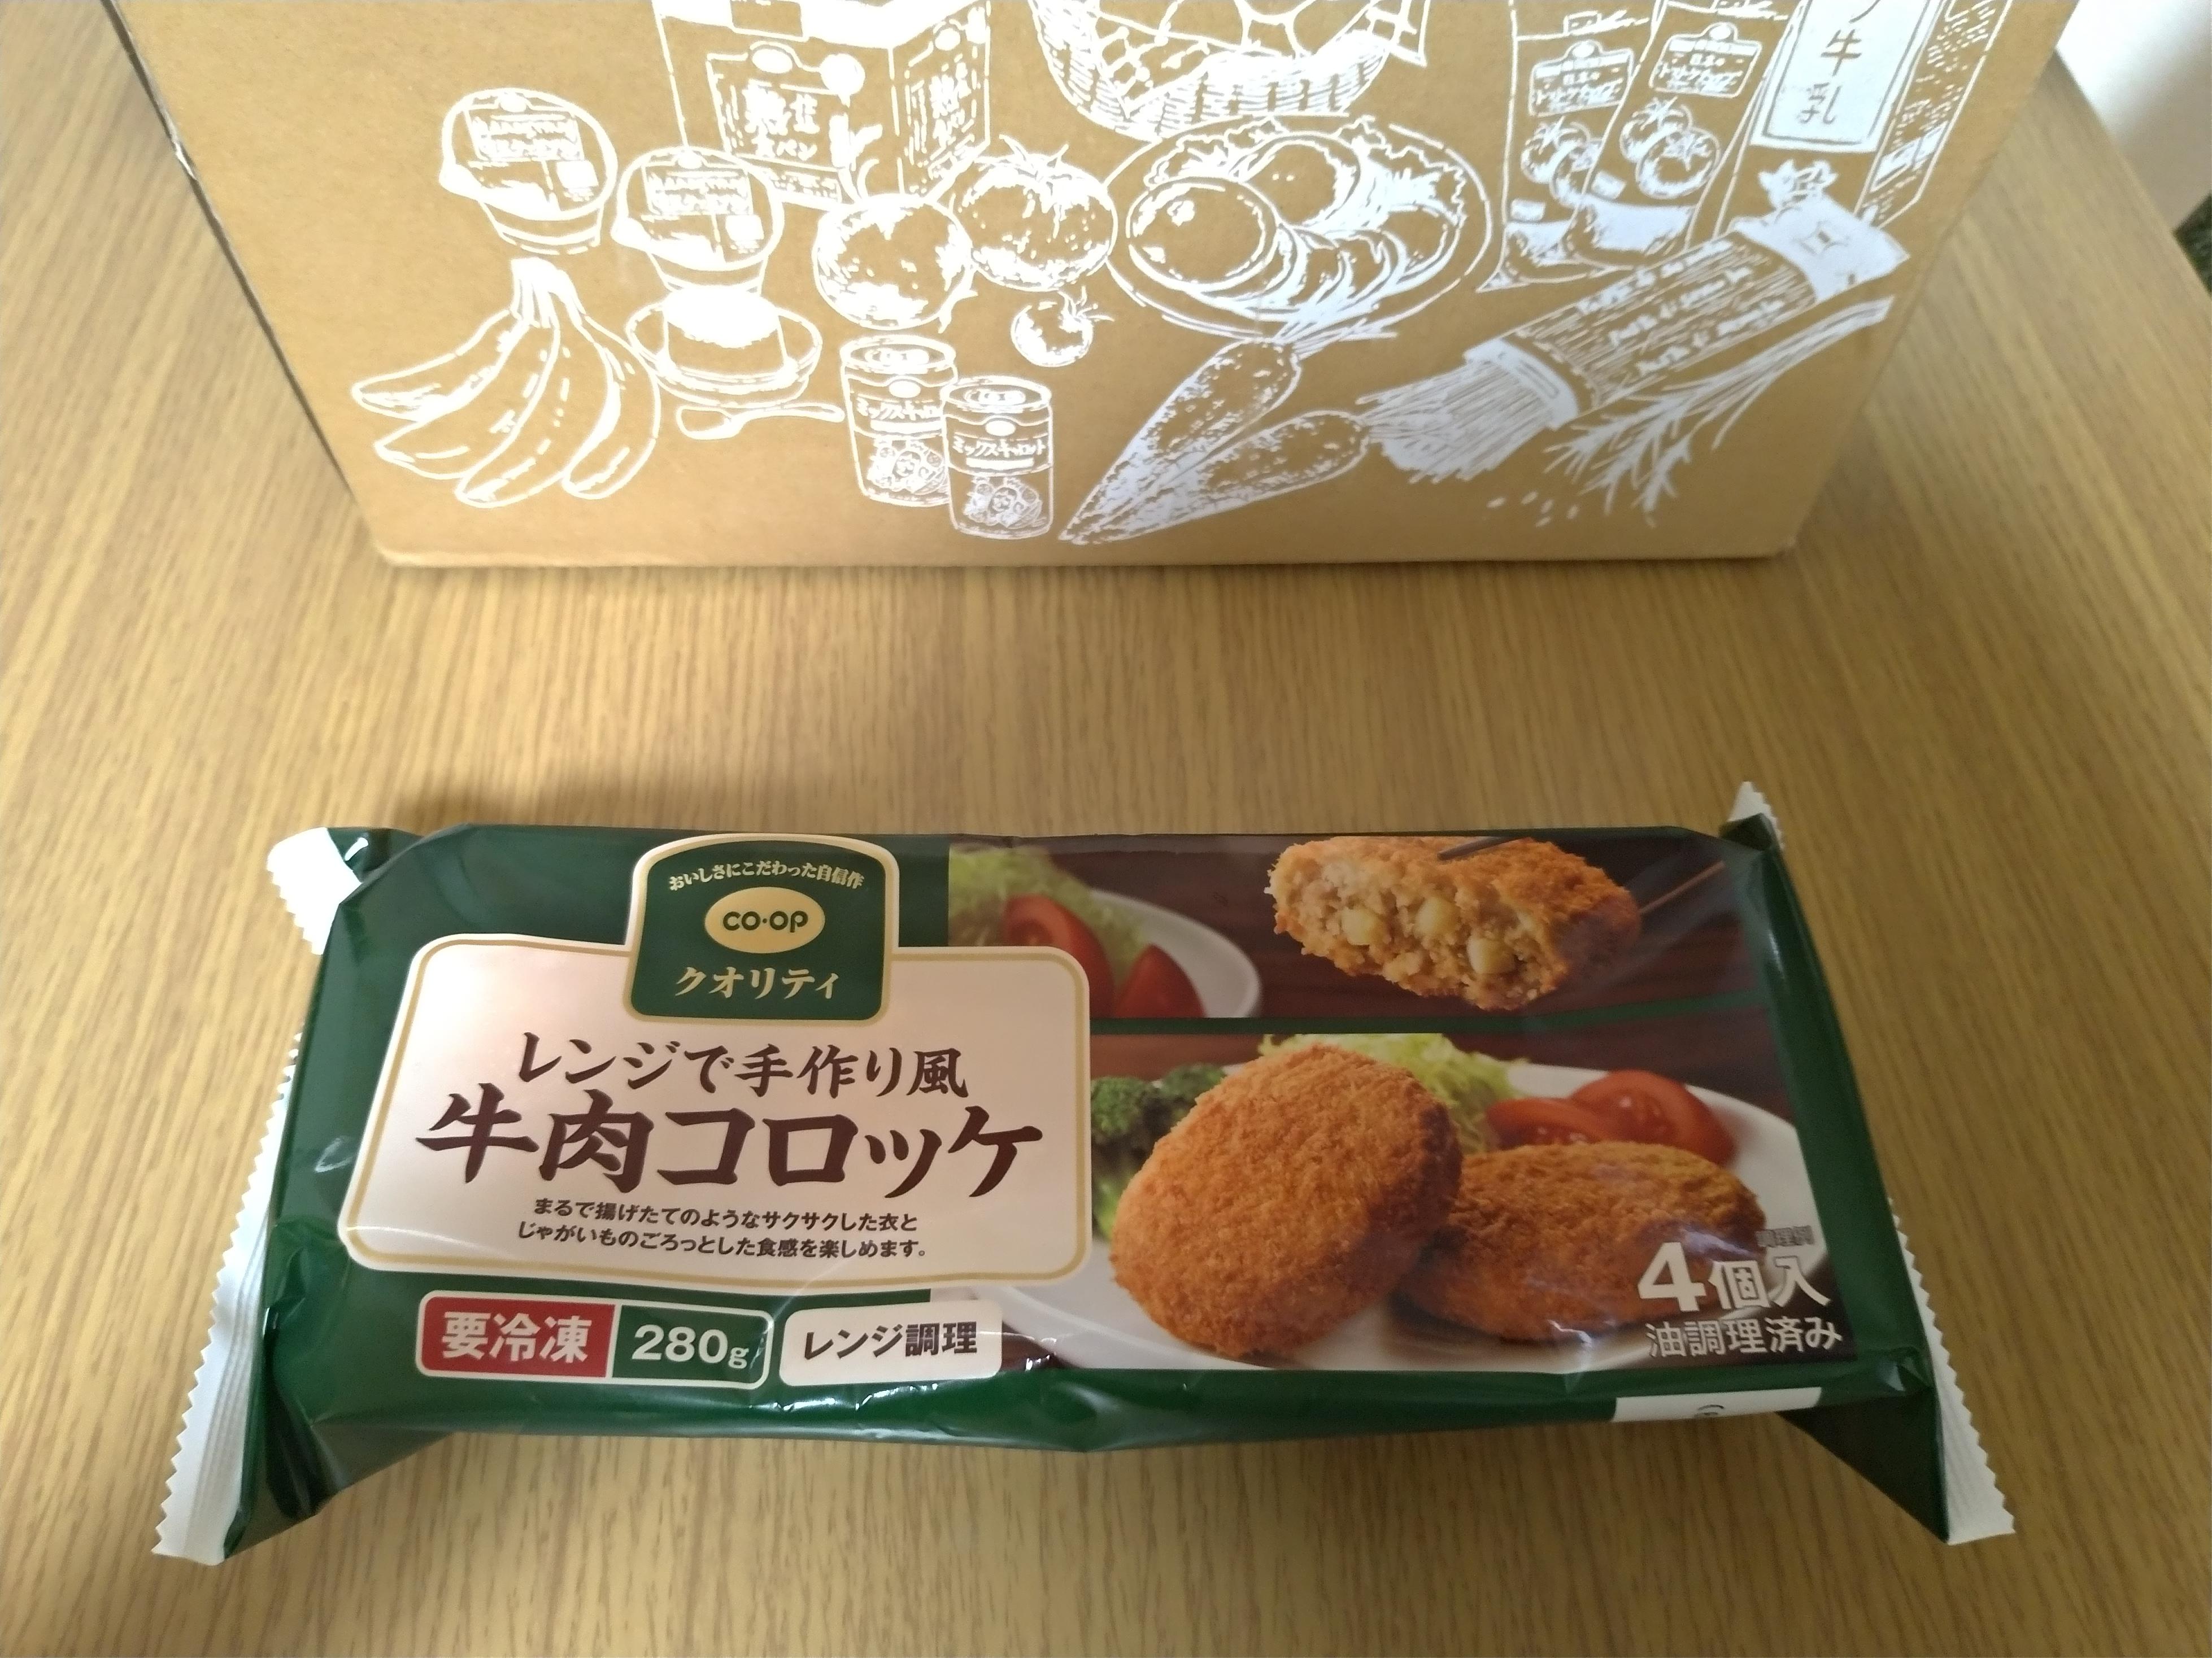 コープデリの食材宅配サービス コロッケ